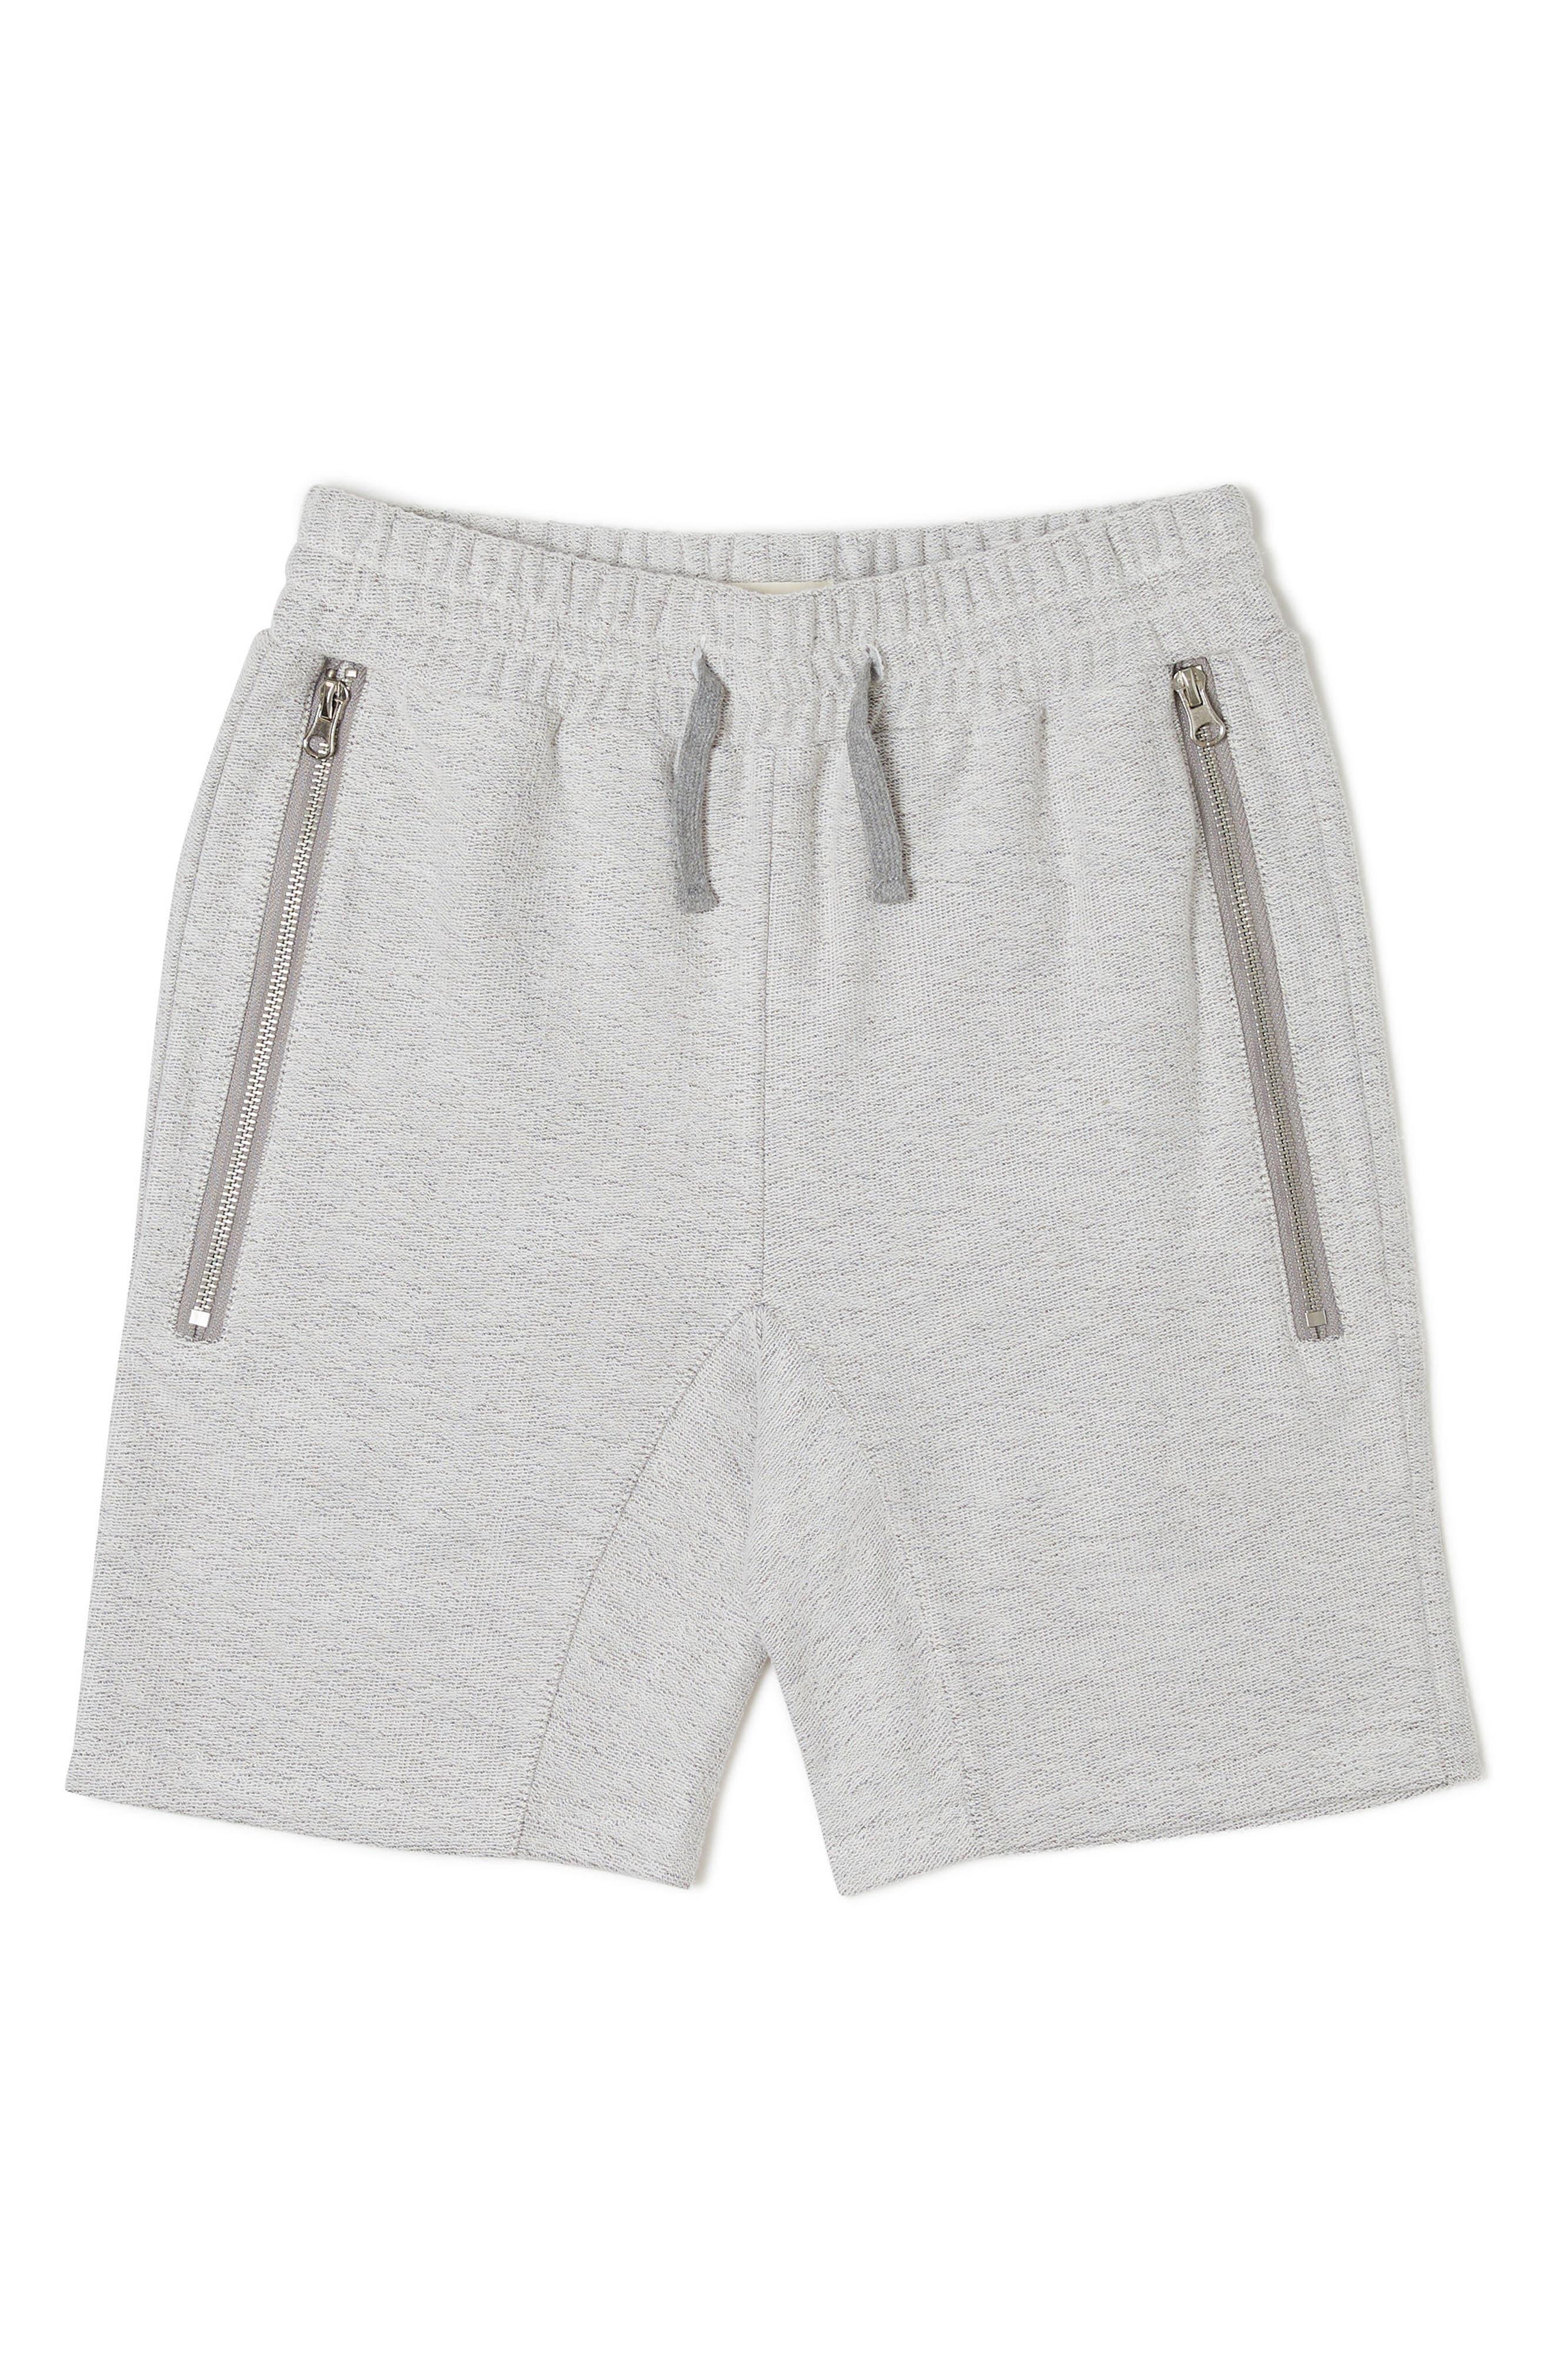 Cruise Knit Shorts,                             Main thumbnail 1, color,                             Natural